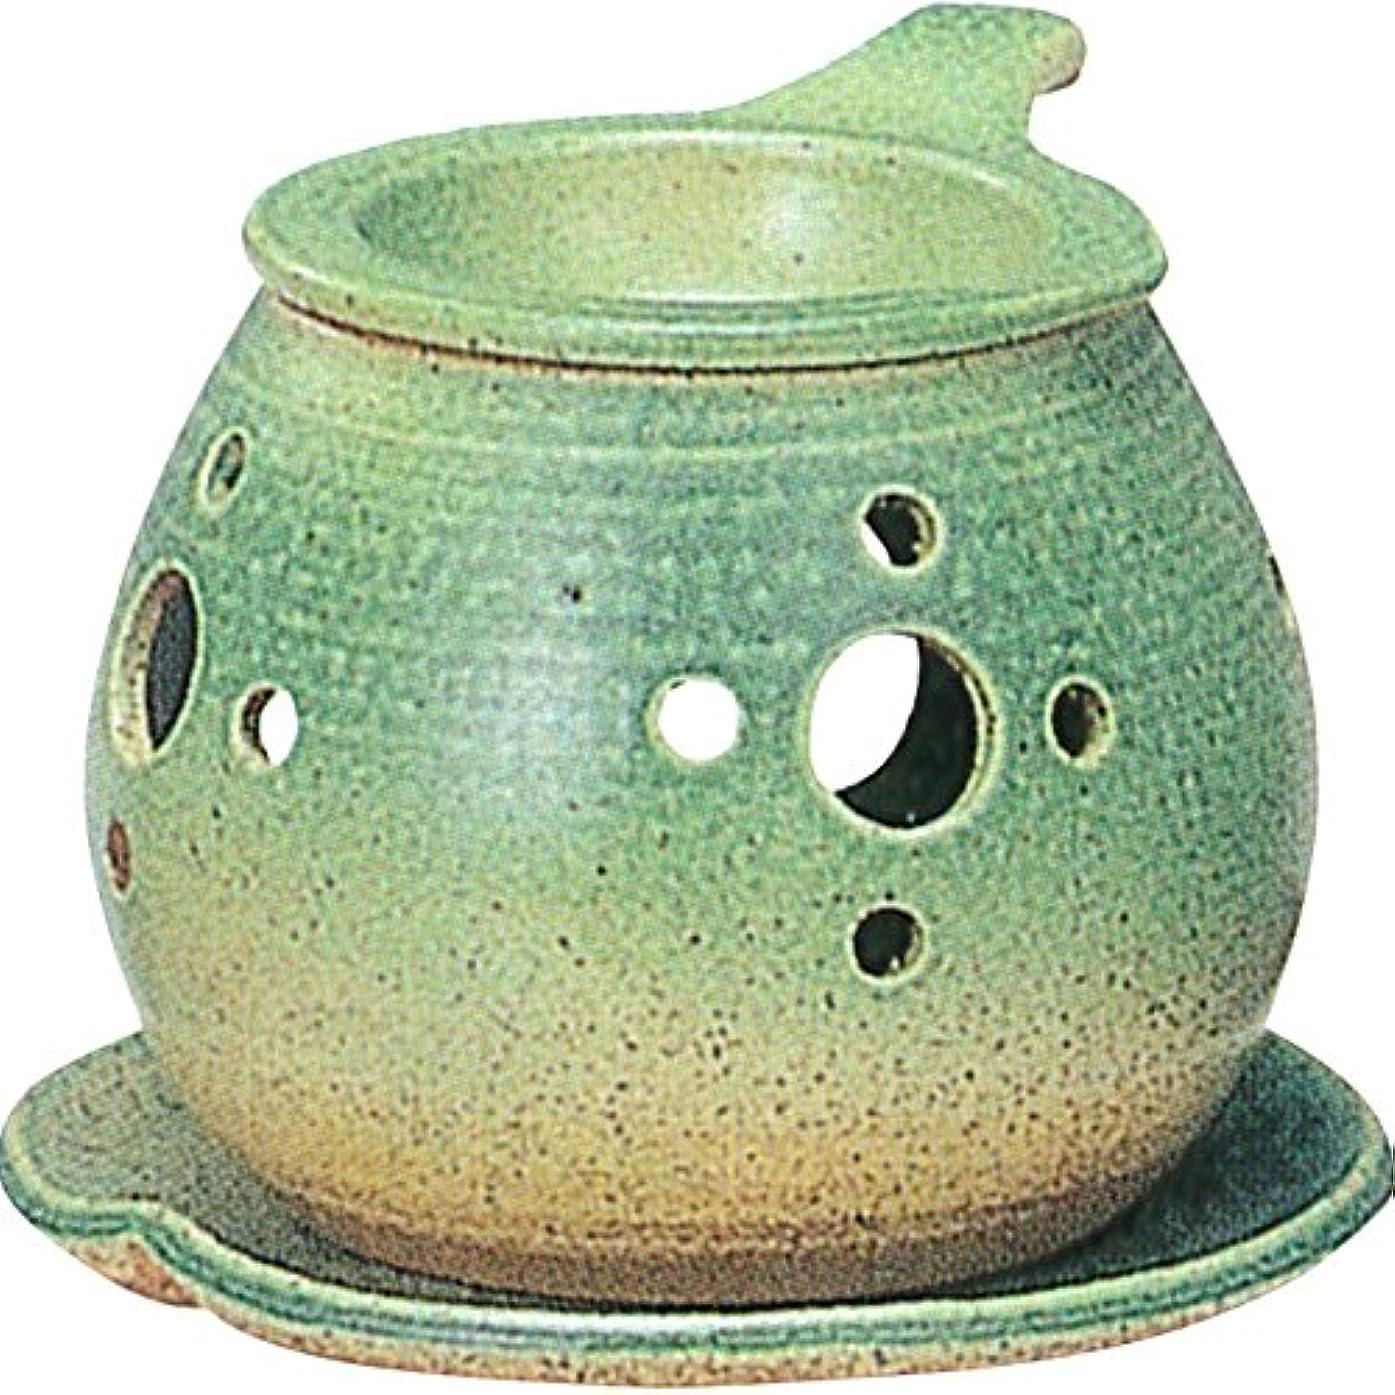 分岐するスラム街砦茶香炉 : 常滑焼 間宮 茶香炉? ル35-02